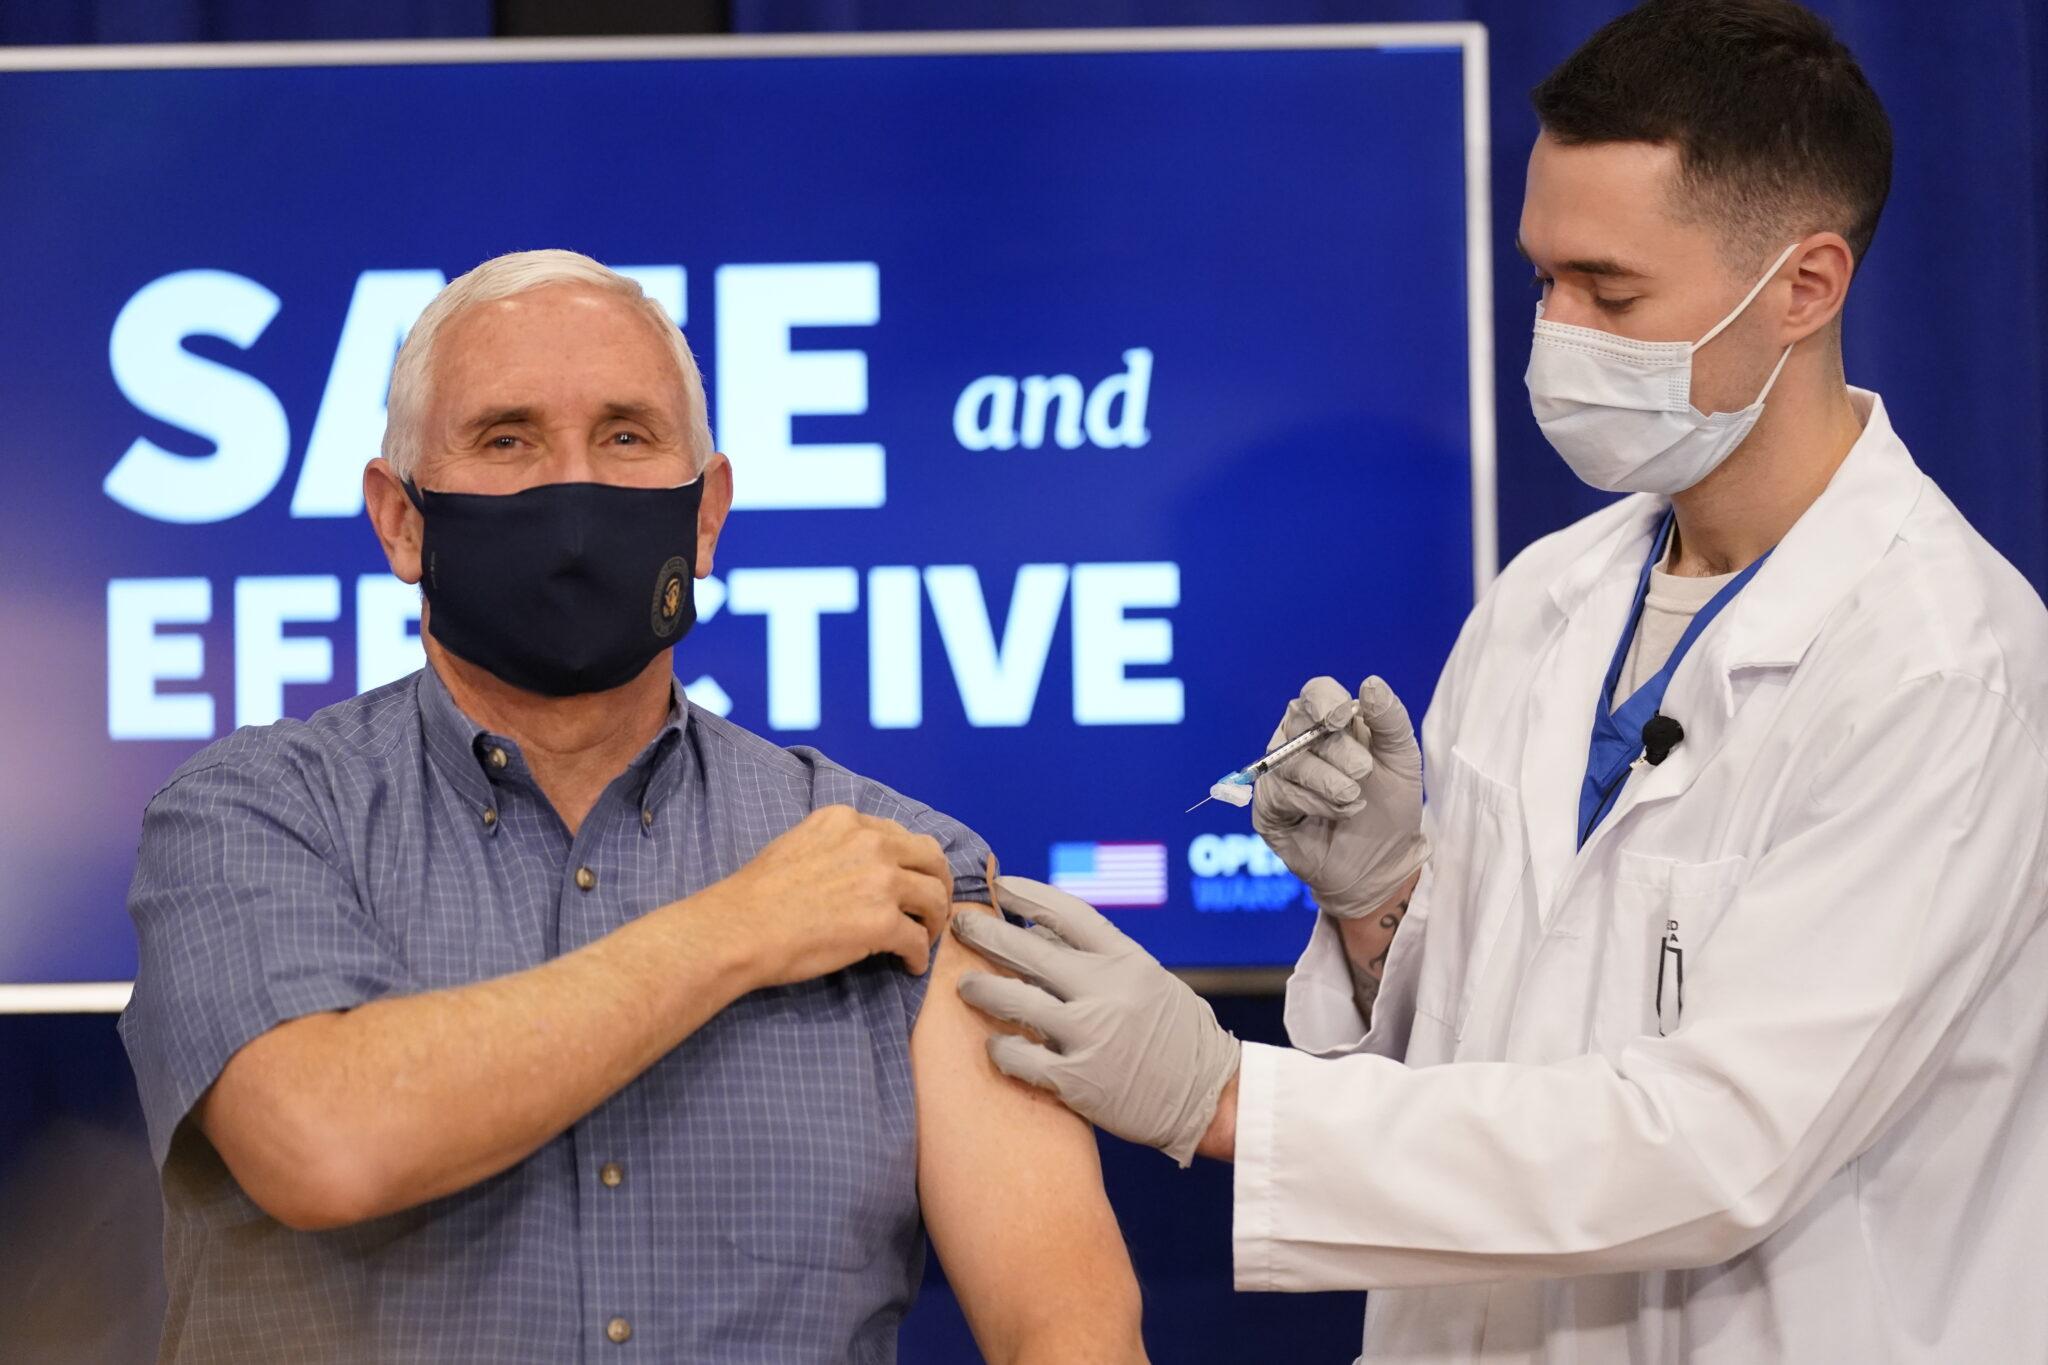 Mike Pence, su esposa y el director de salud reciben vacuna antiCOVID en EU